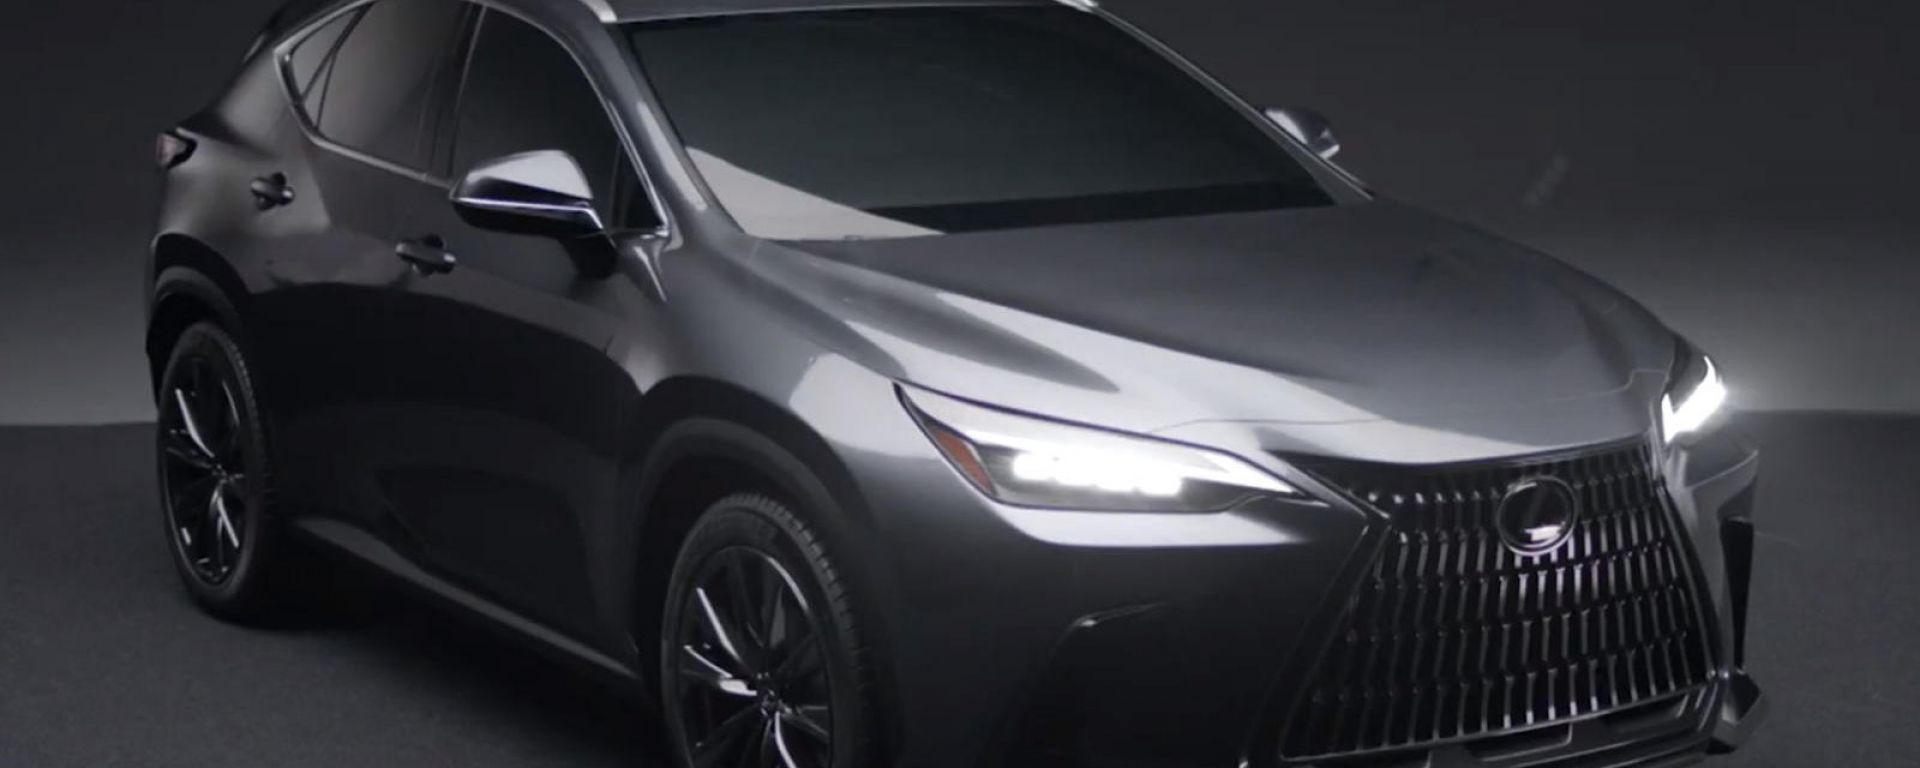 Nuova Lexus NX 2021, già online le prime foto